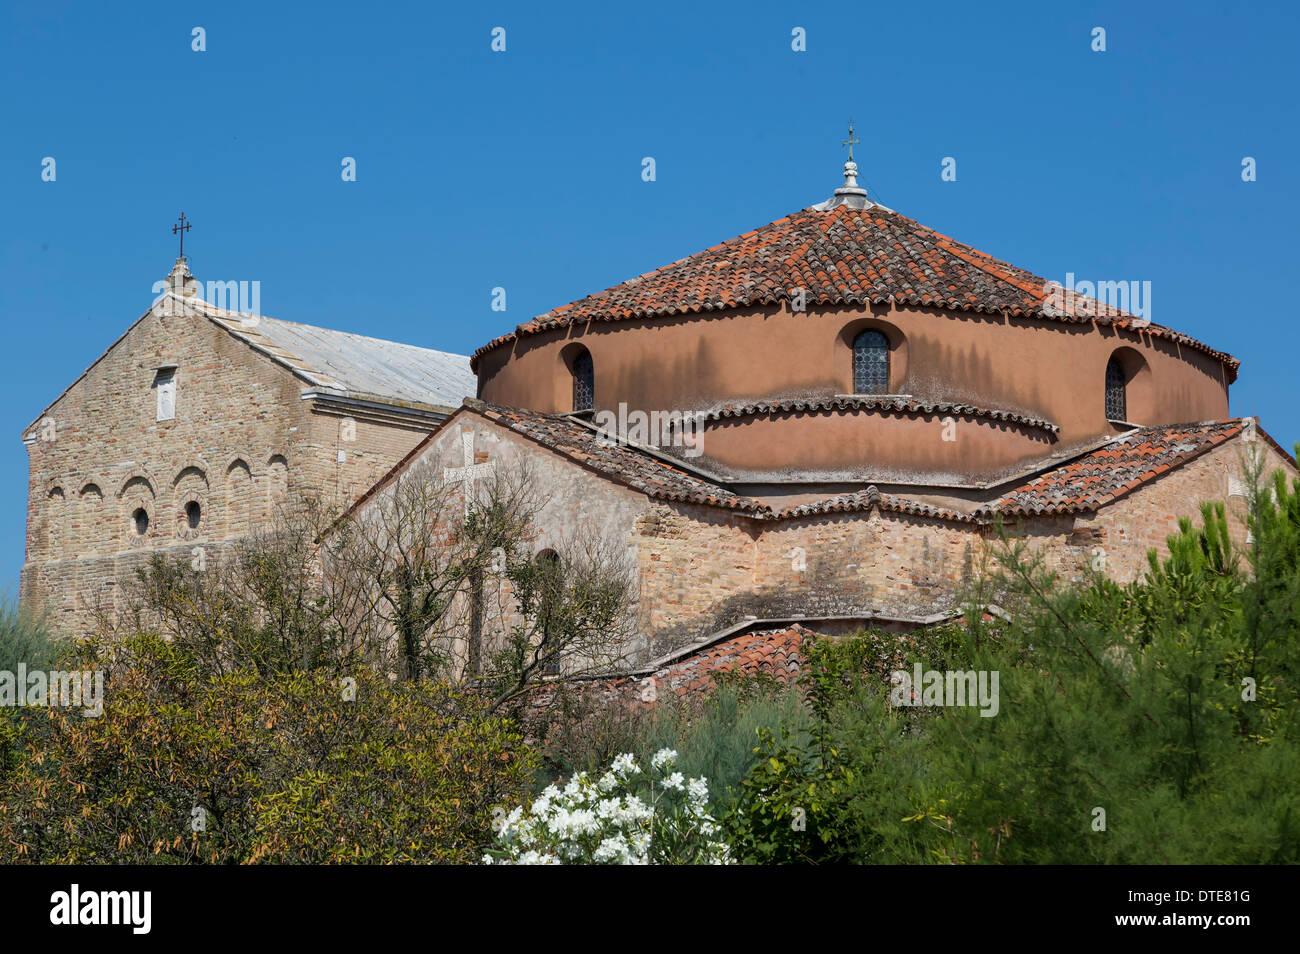 Kirche auf einer Insel in der Nähe von Venedig, Italien Stockbild